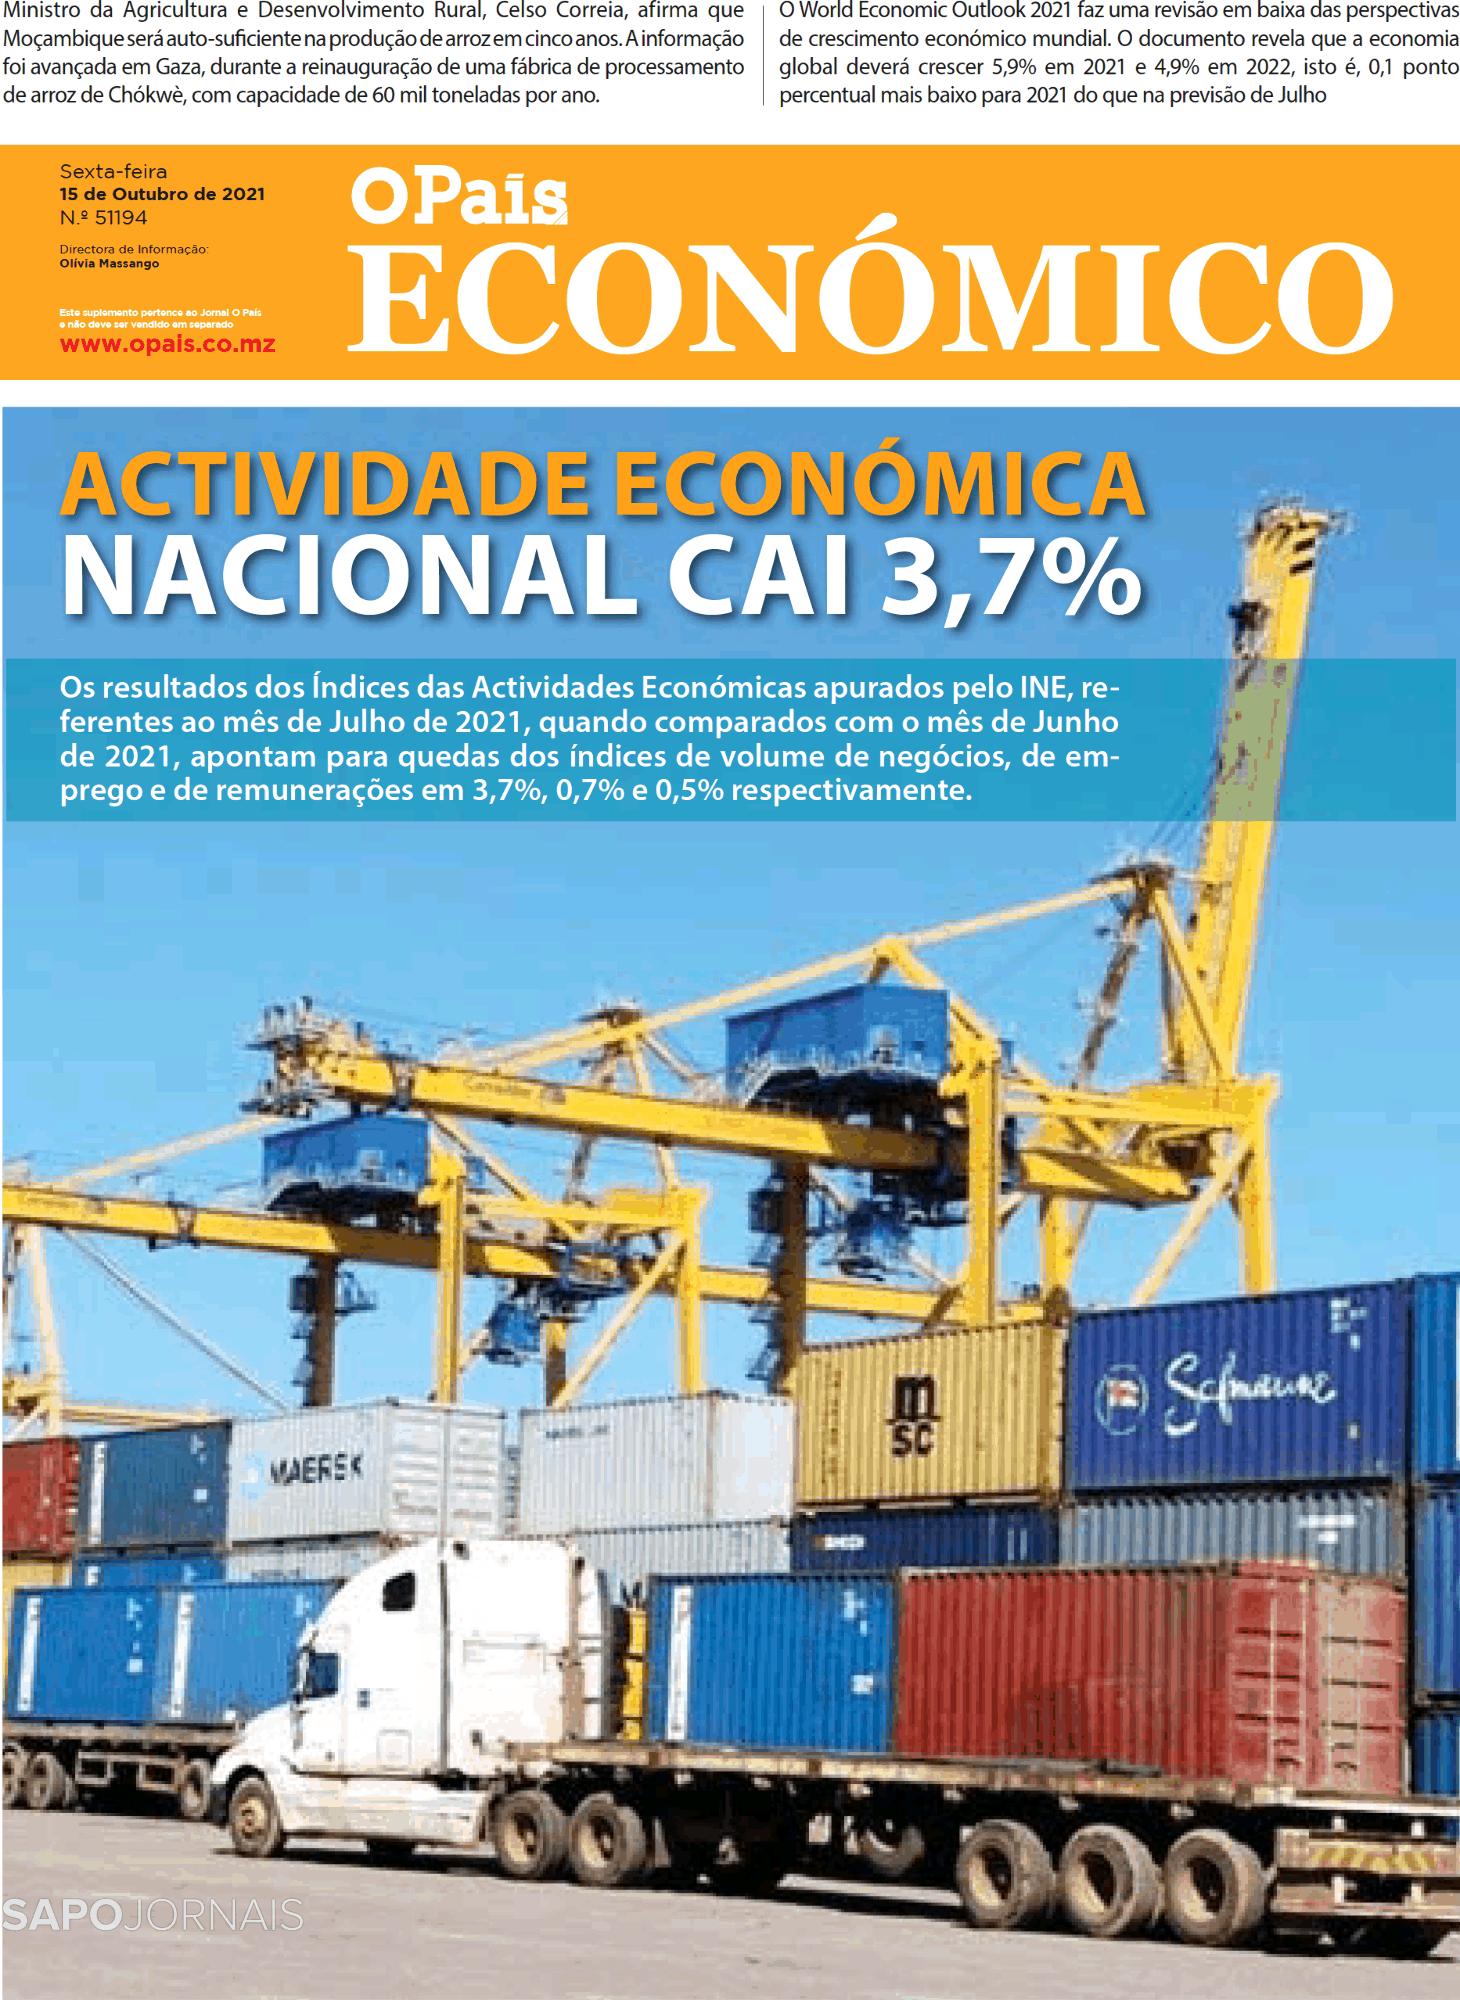 O País - Económico